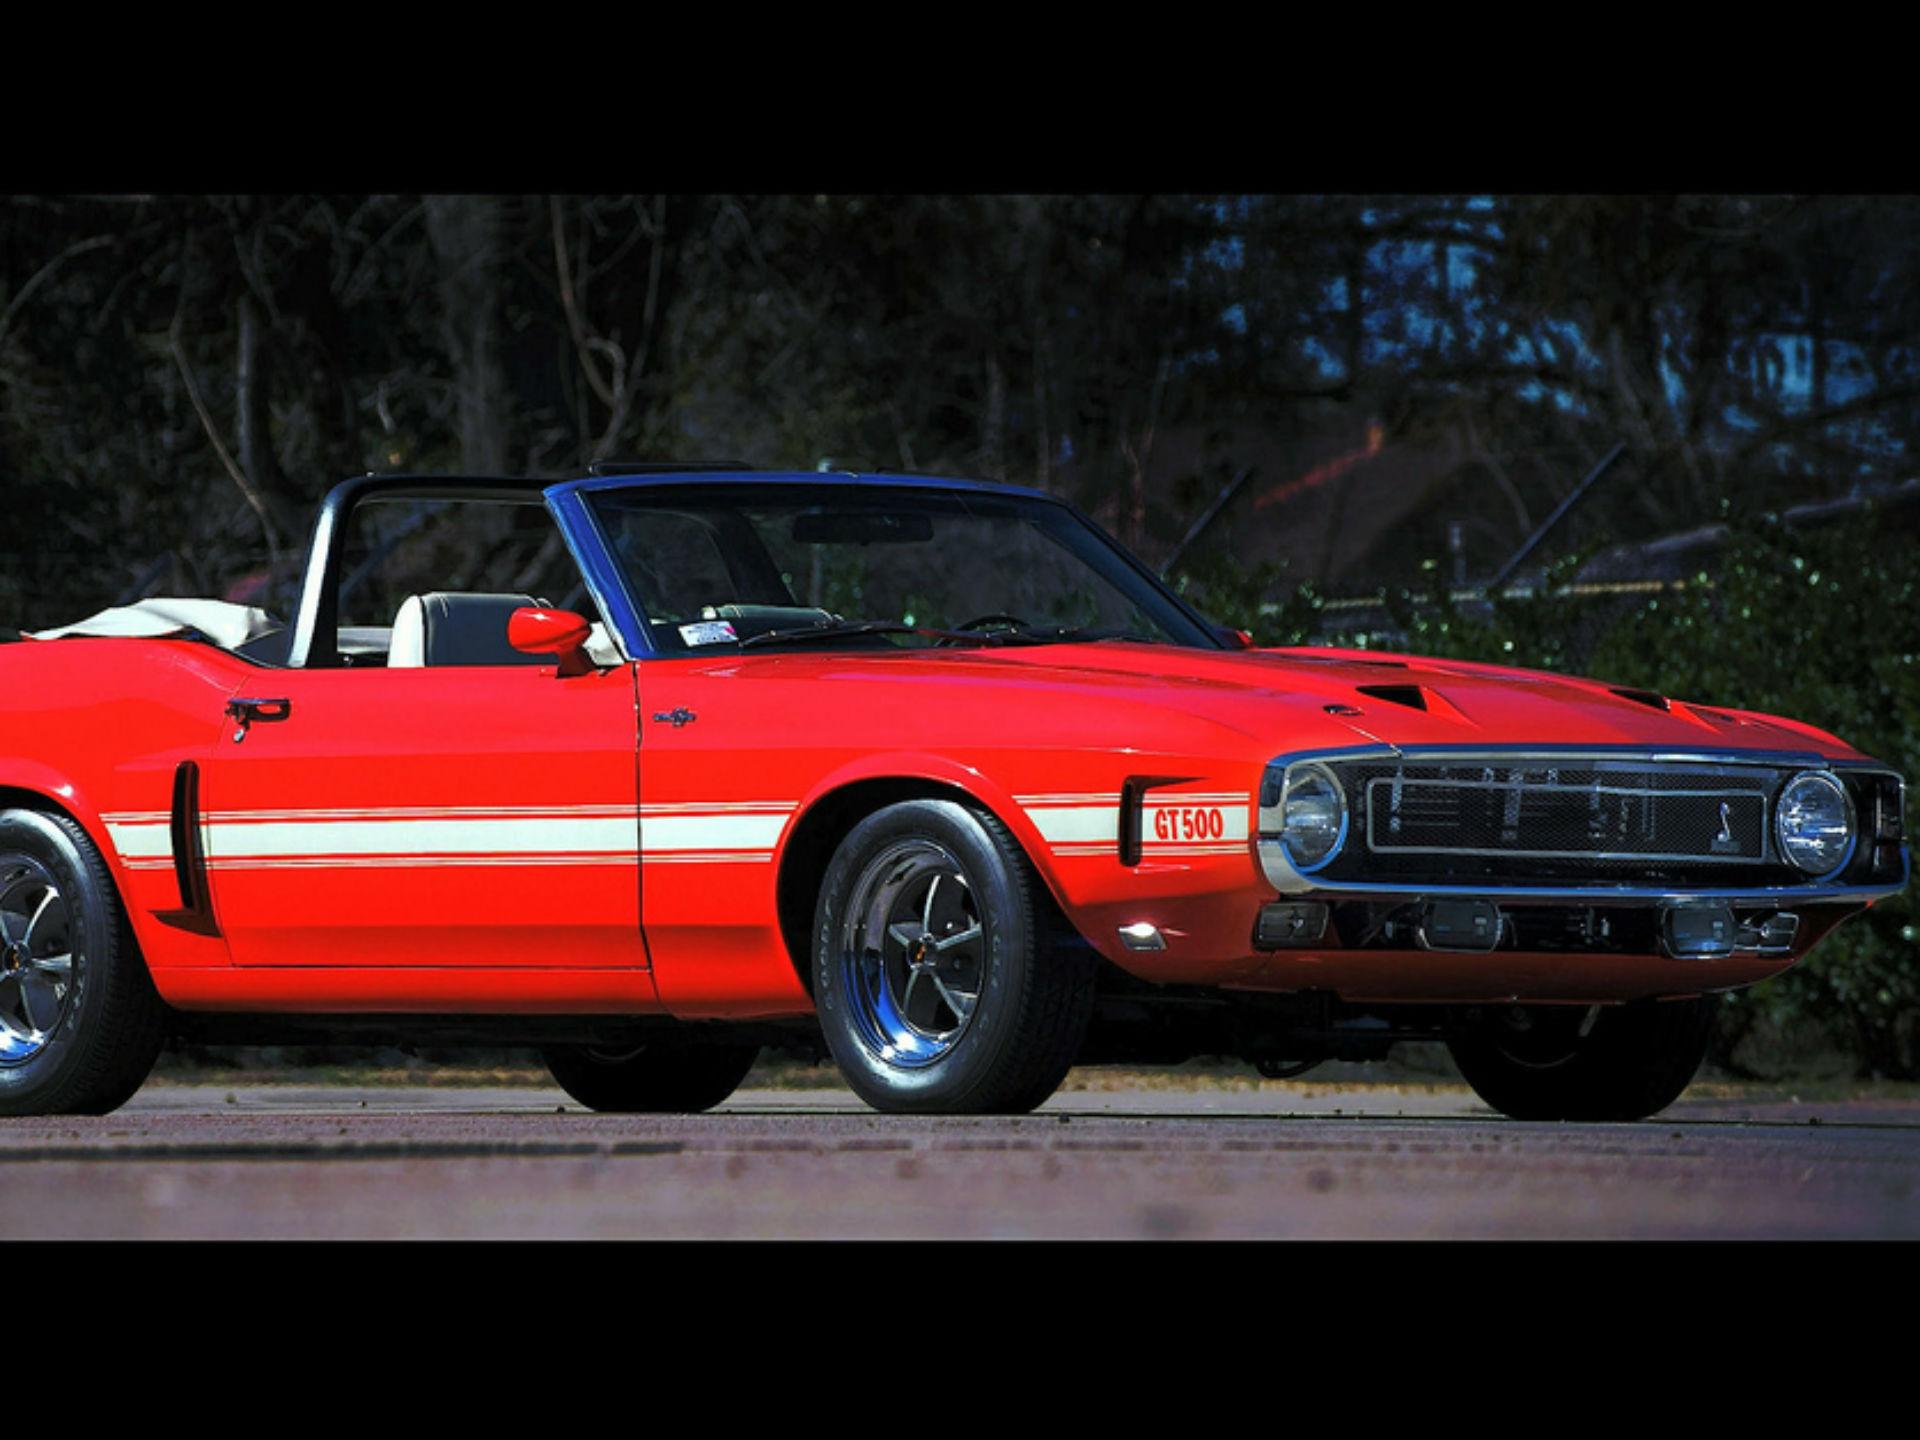 SHELBY GT quinientos CONVERTIBLE 1969 Un Mustang Shelby es especial, y si se trata de 001 convertible lo es aún más; pero si ademas fue propiedad de Carroll Shelby, luego es único. Éste vehículo fue 001 de los 02 únicos que Carroll sostuvo en su garaje en sus últimos años de vida. Fue vendido por 742 1.000 quinientos dólares en enero de 2008. Fotografía Flickr